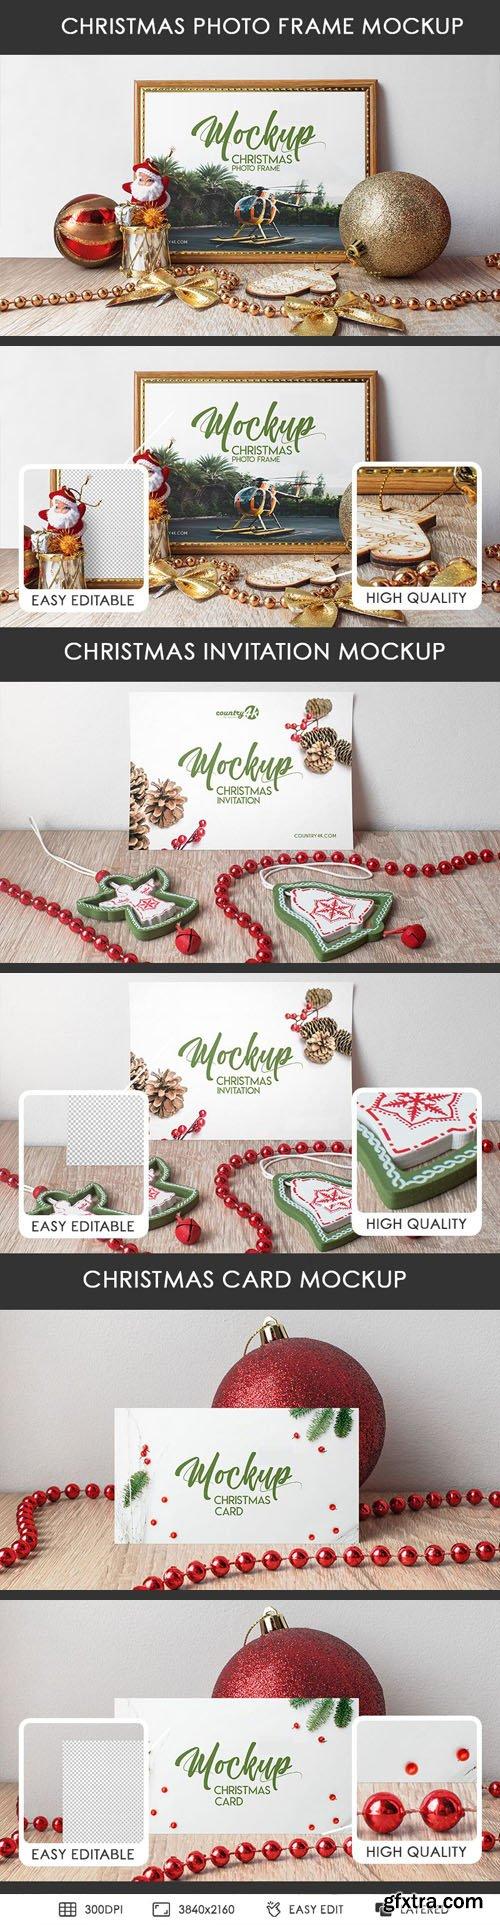 Christmas Invitation Cards & Photo Frame PSD MockUps in 4k